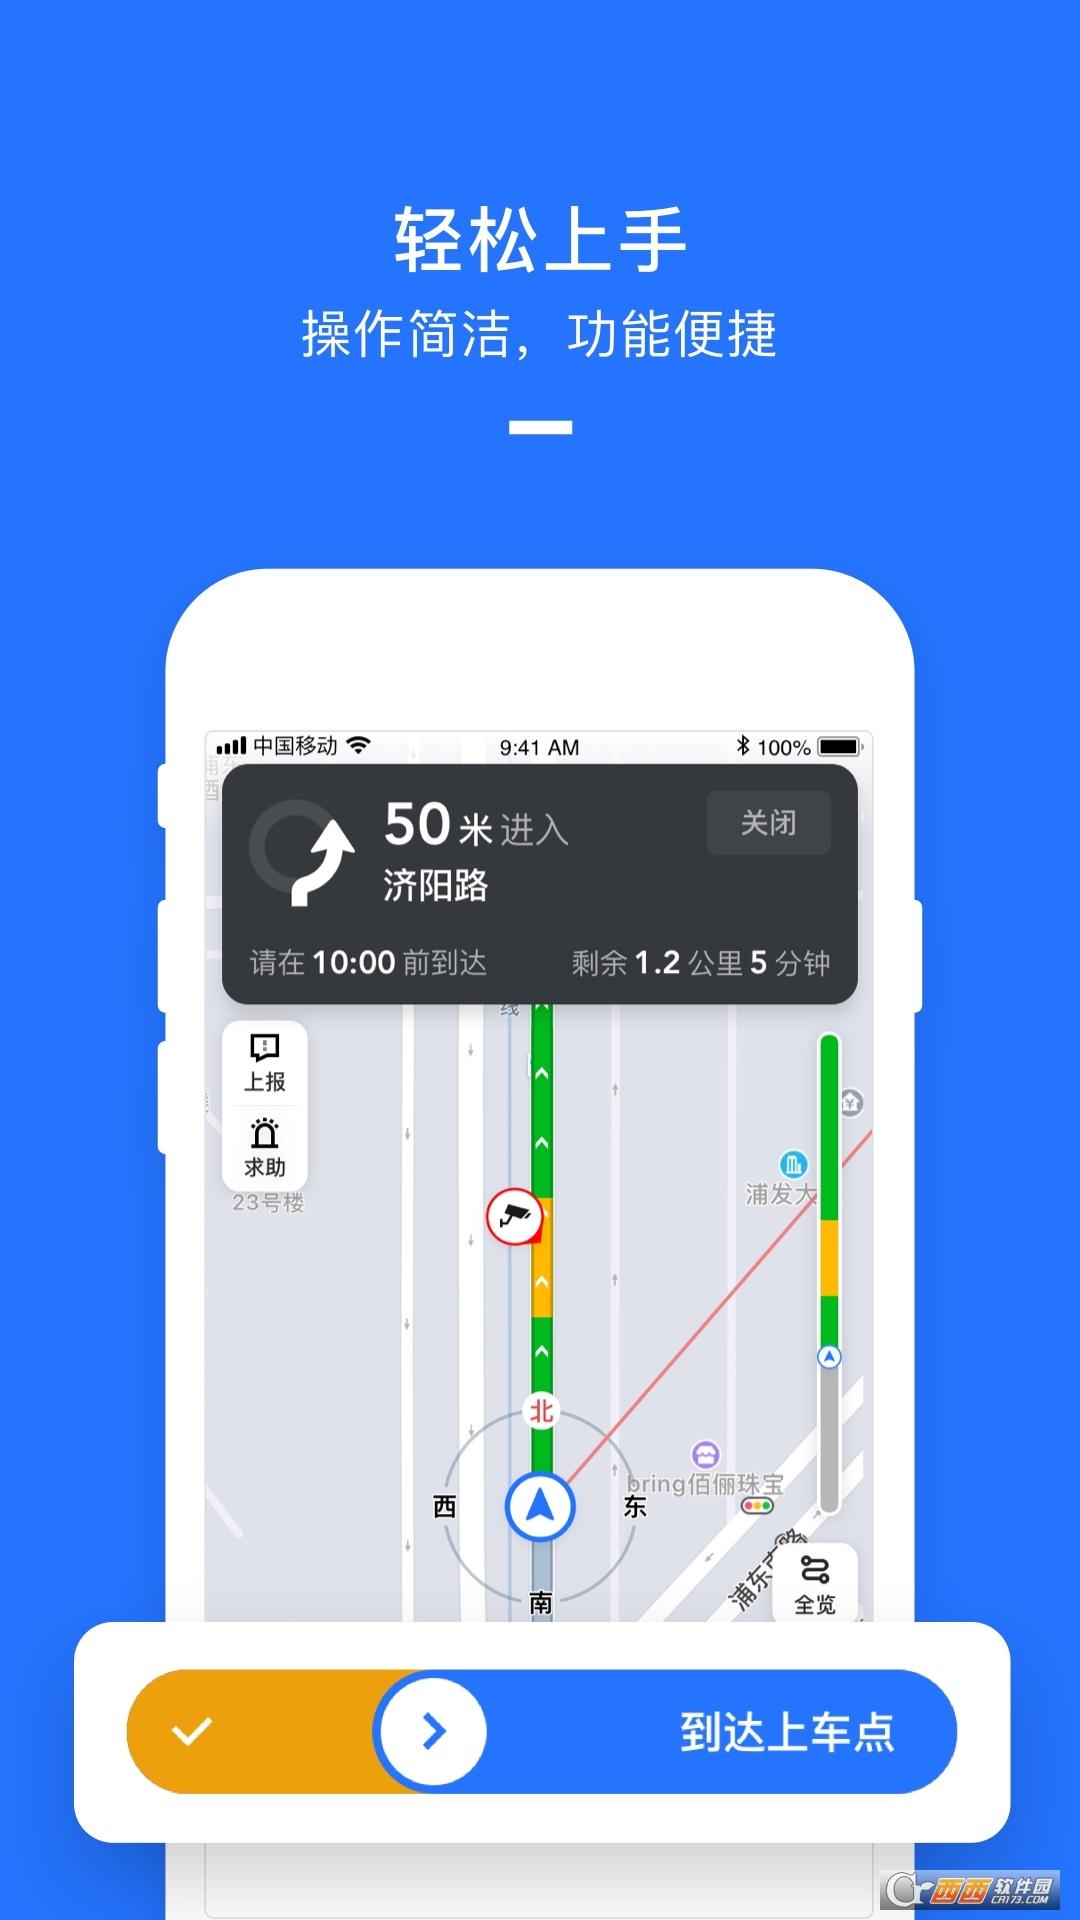 美团打车司机端 V2.5.72 安卓最新版